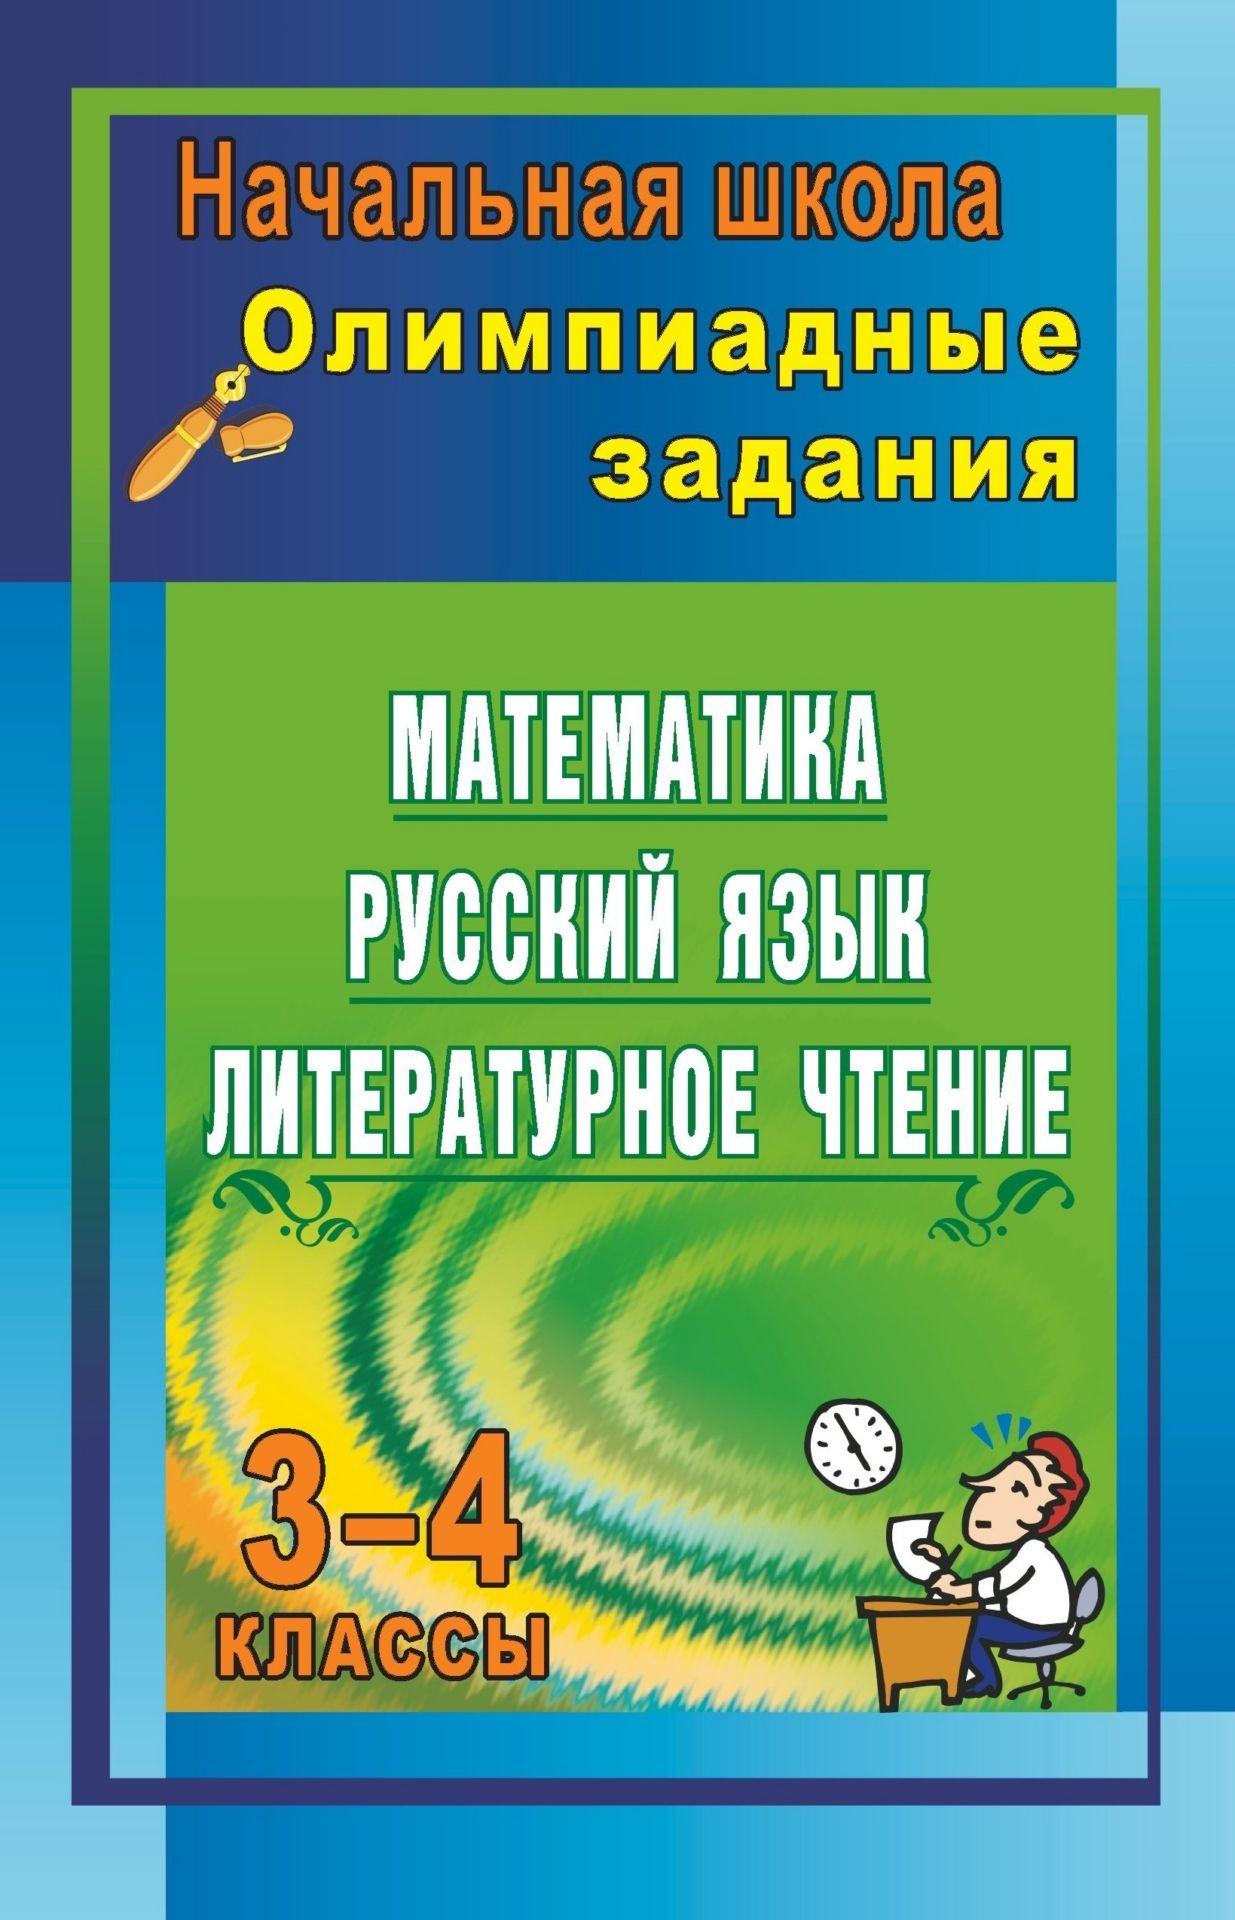 Олимпиадные задания: математика, русский язык, литературное чтение. 3-4 классыПредметы<br>В данном пособии представлены олимпиадные задания для учащихся 3-4 классов и ответы к ним. Используя предлагаемый материал творчески, учитель может постоянно во время уроков и на внеклассных занятиях поддерживать интерес младших школьников к изучаемым пре...<br><br>Авторы: Чаус Е. А.<br>Год: 2009<br>Серия: Начальная школа<br>ISBN: 978-5-7057-1281-6<br>Высота: 213<br>Ширина: 138<br>Толщина: 5